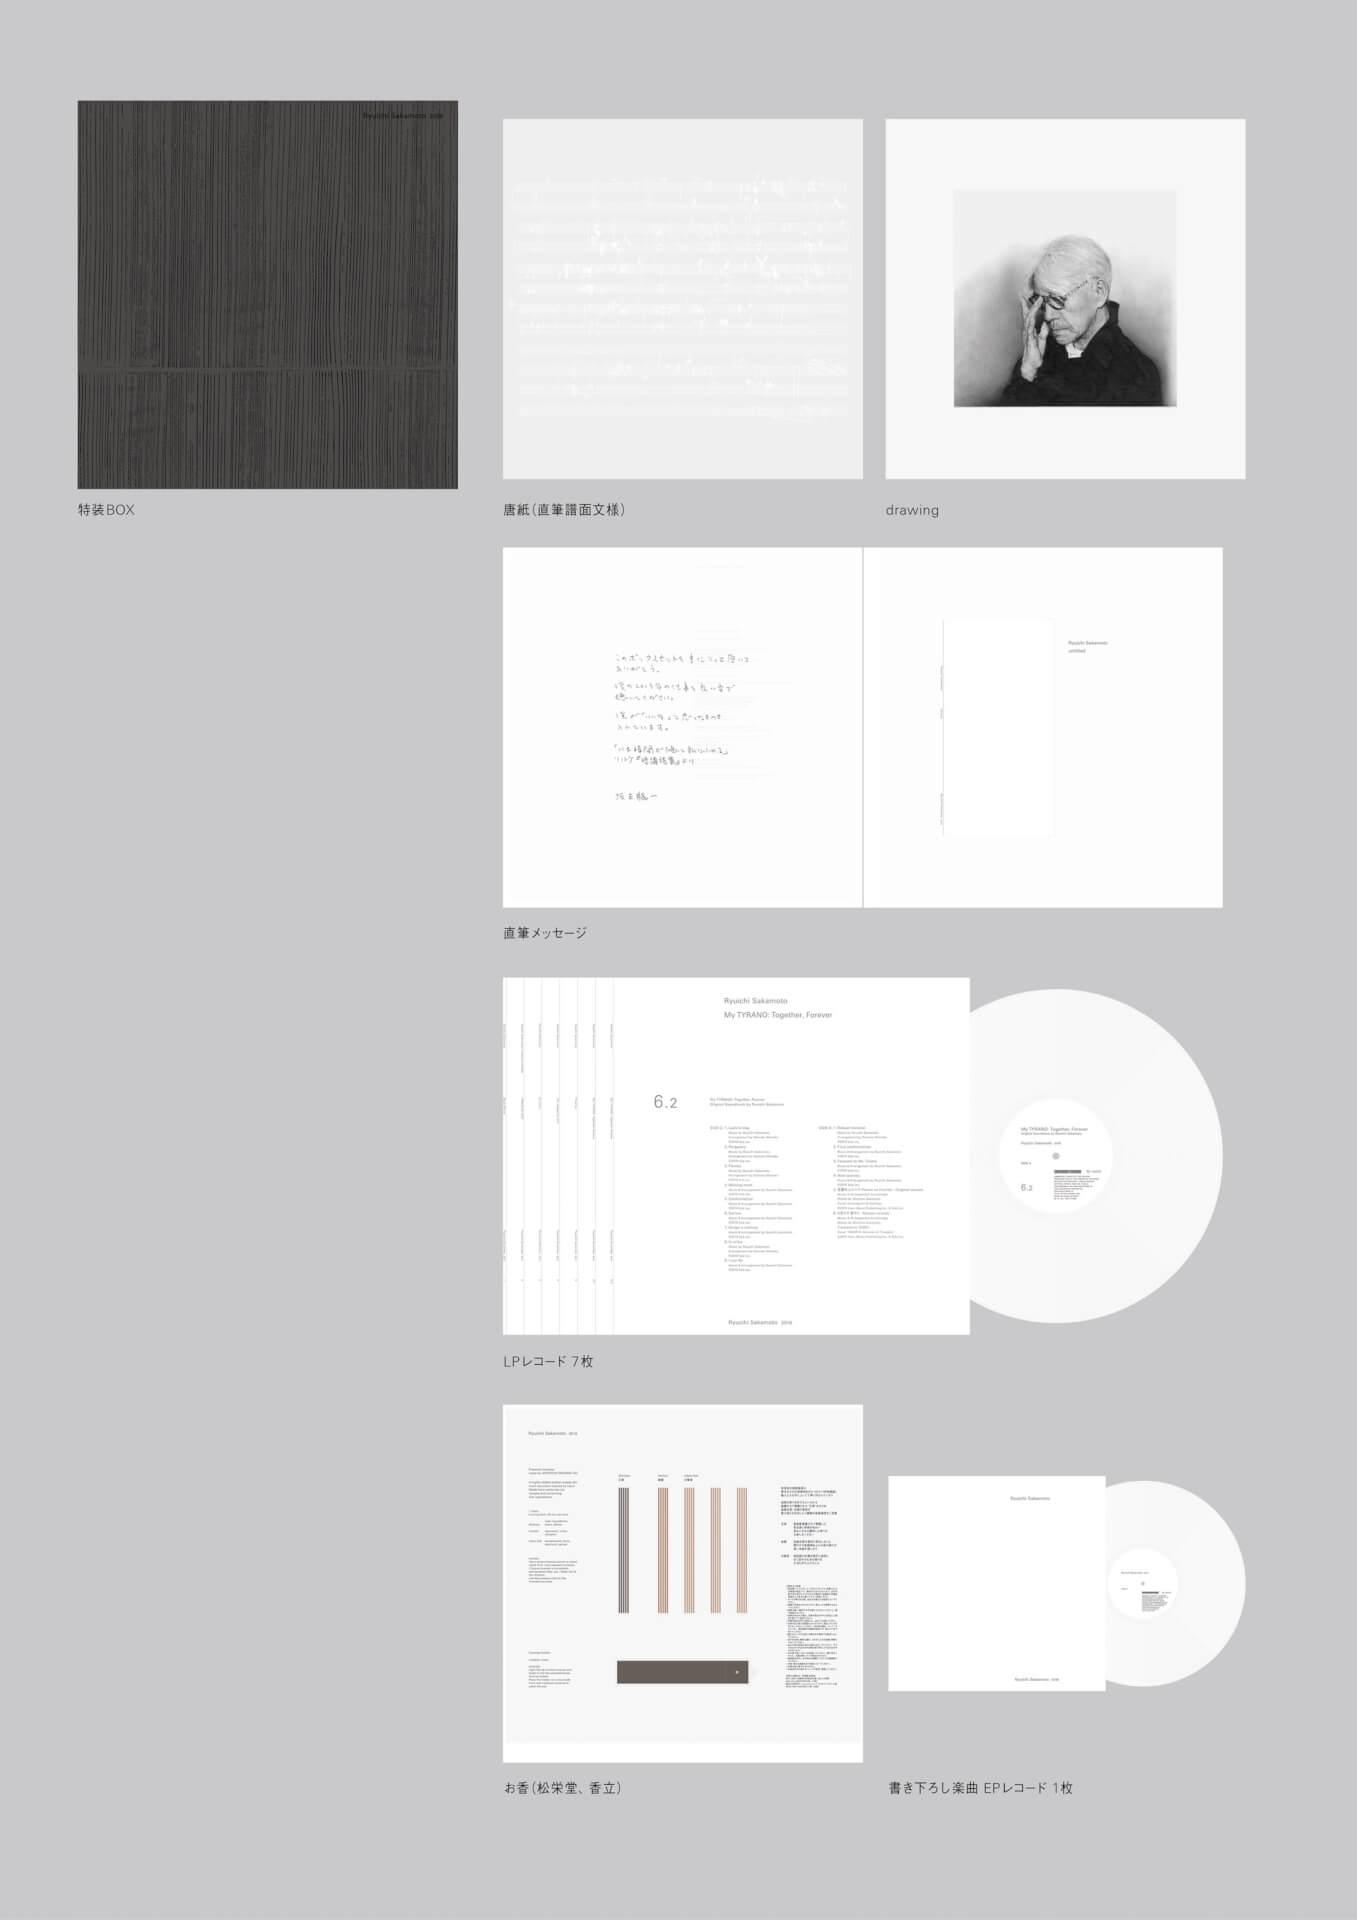 坂本龍一が2019年に制作した音楽の総集アナログ盤『Ryuichi Sakamoto 2019』が限定200点で発売決定 music200221_sakamotoryuichi_2